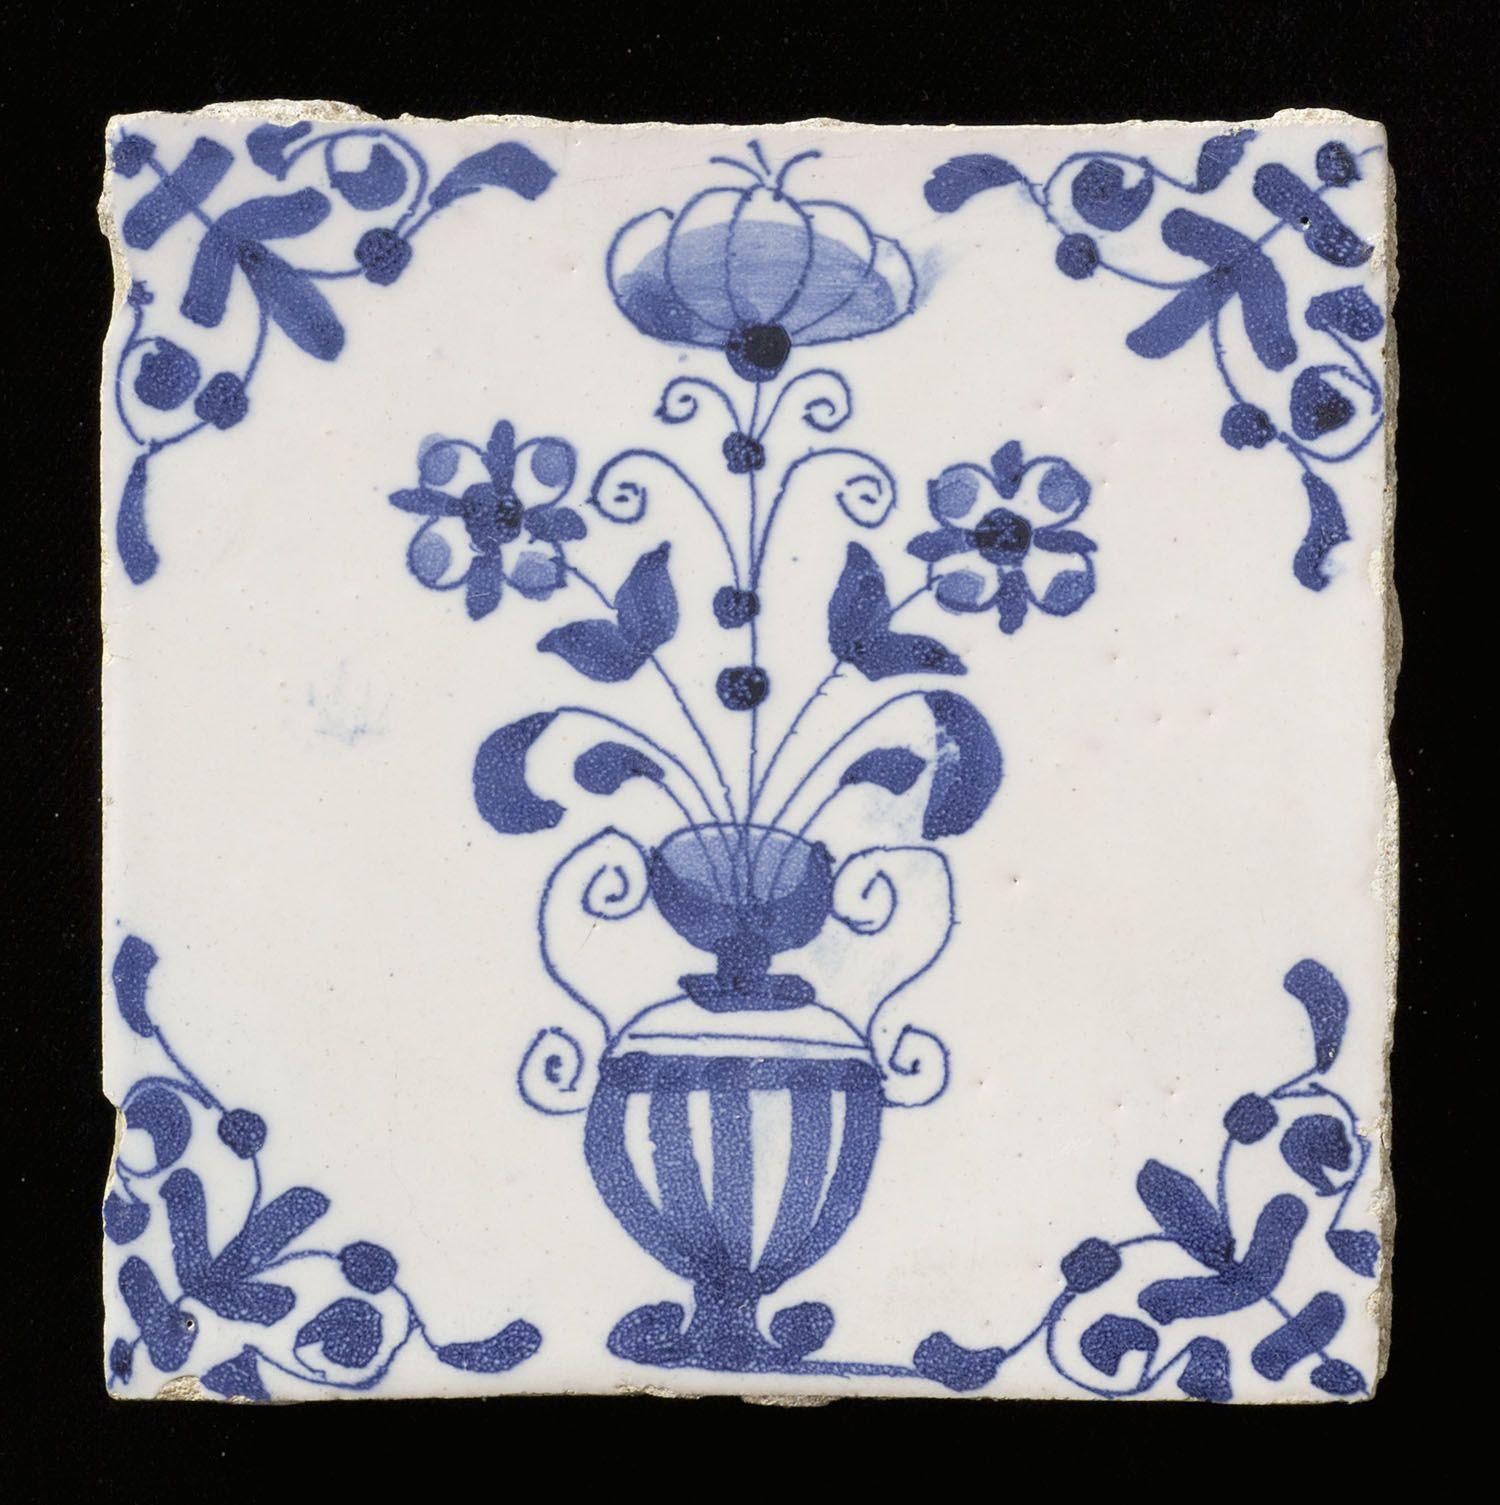 Tegel van aardewerk met tinglazuur, voorstellende een bloempot, gemaakt in Makkum, ca. 1850-1900